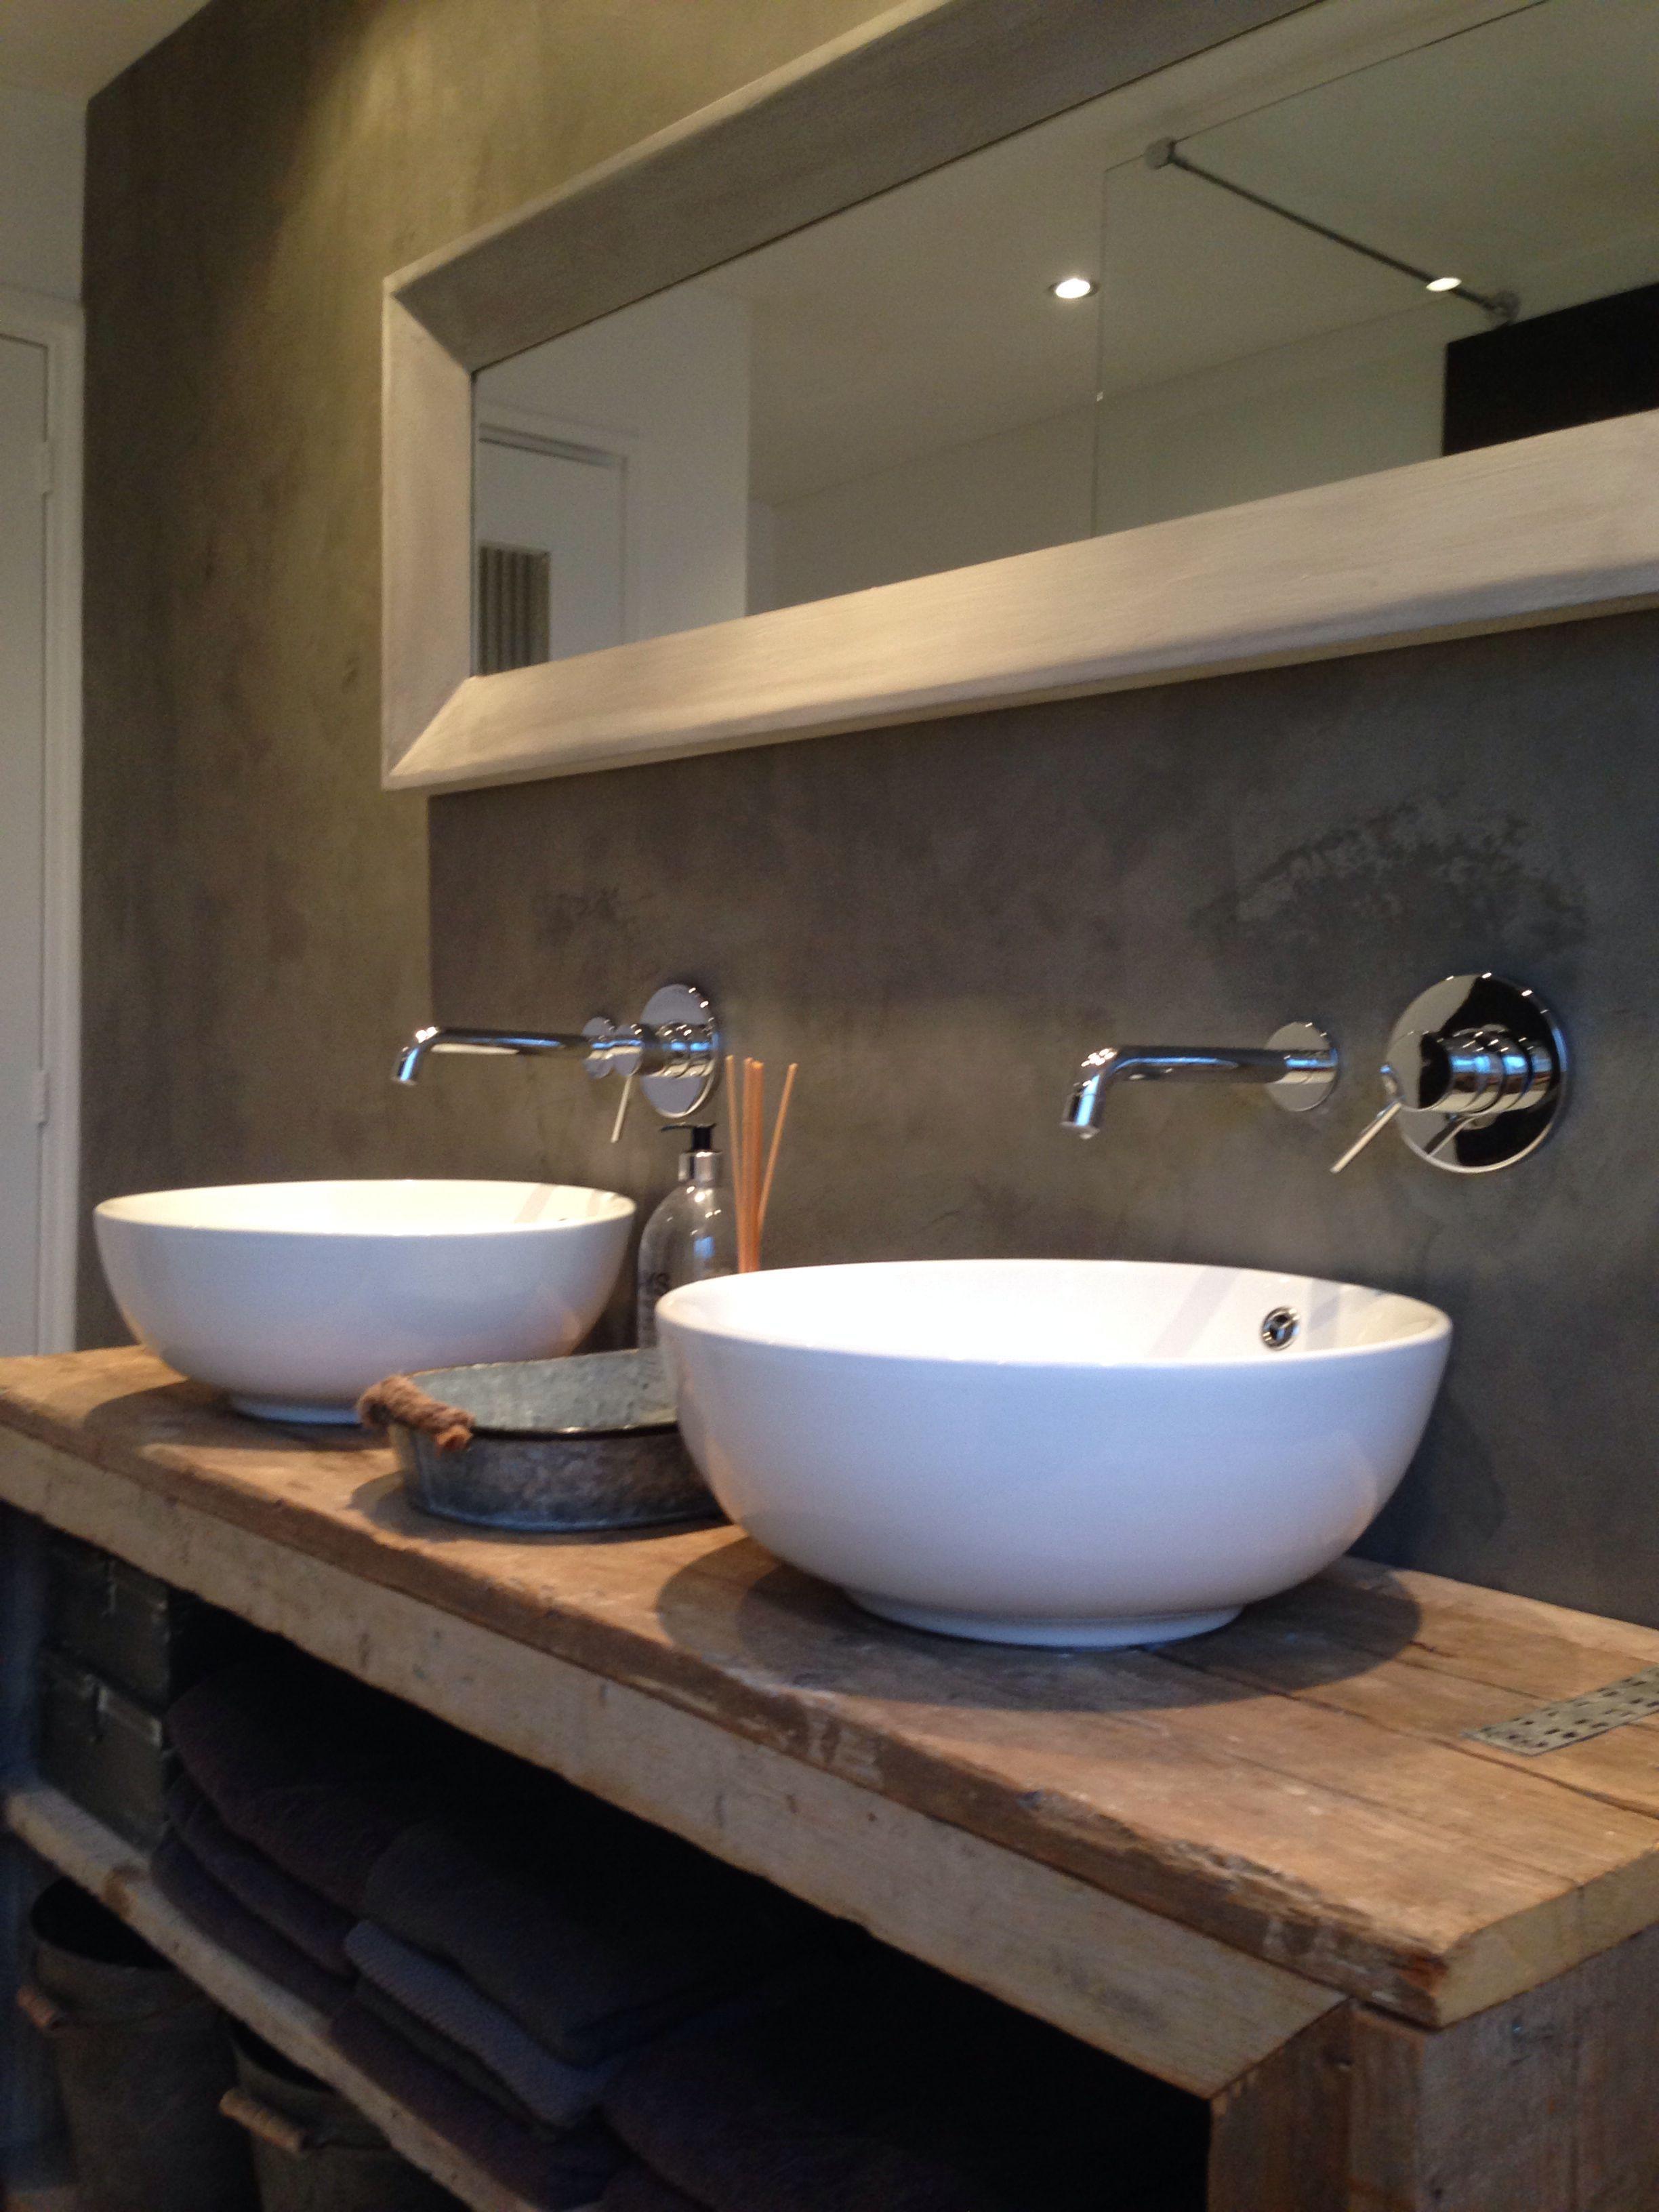 Badezimmer-eitelkeiten mit spiegeln runde waschbecken uc  einrichtung  pinterest  waschbecken